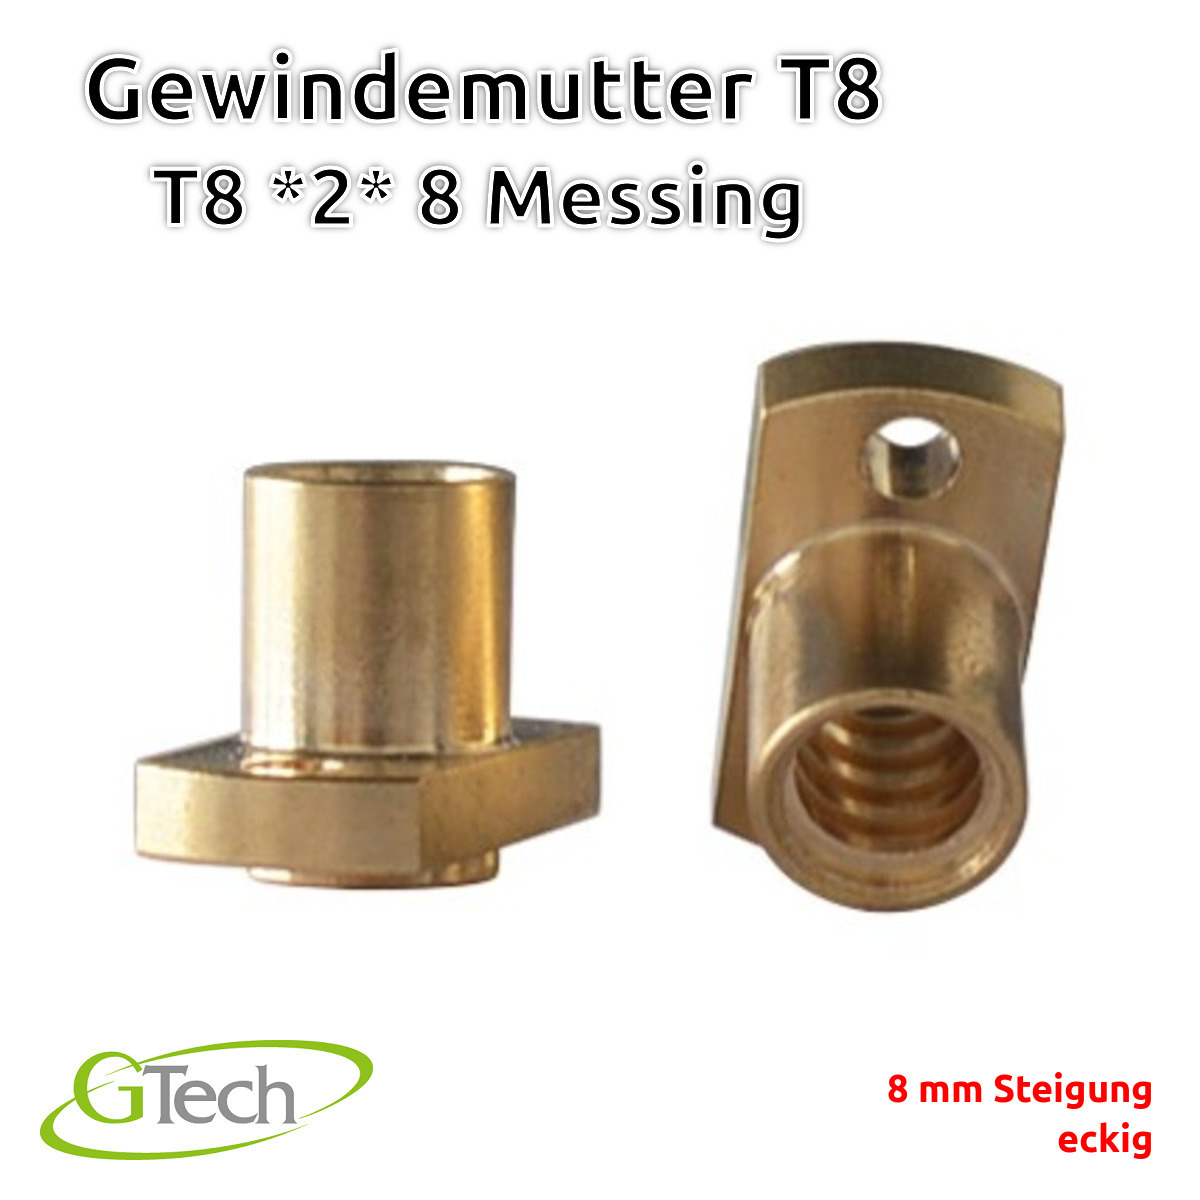 T8-Gewinde-Trapezgewinde-Gewindestange-Edelstahl-Z-Achse-CNC-3D-Druck Indexbild 60